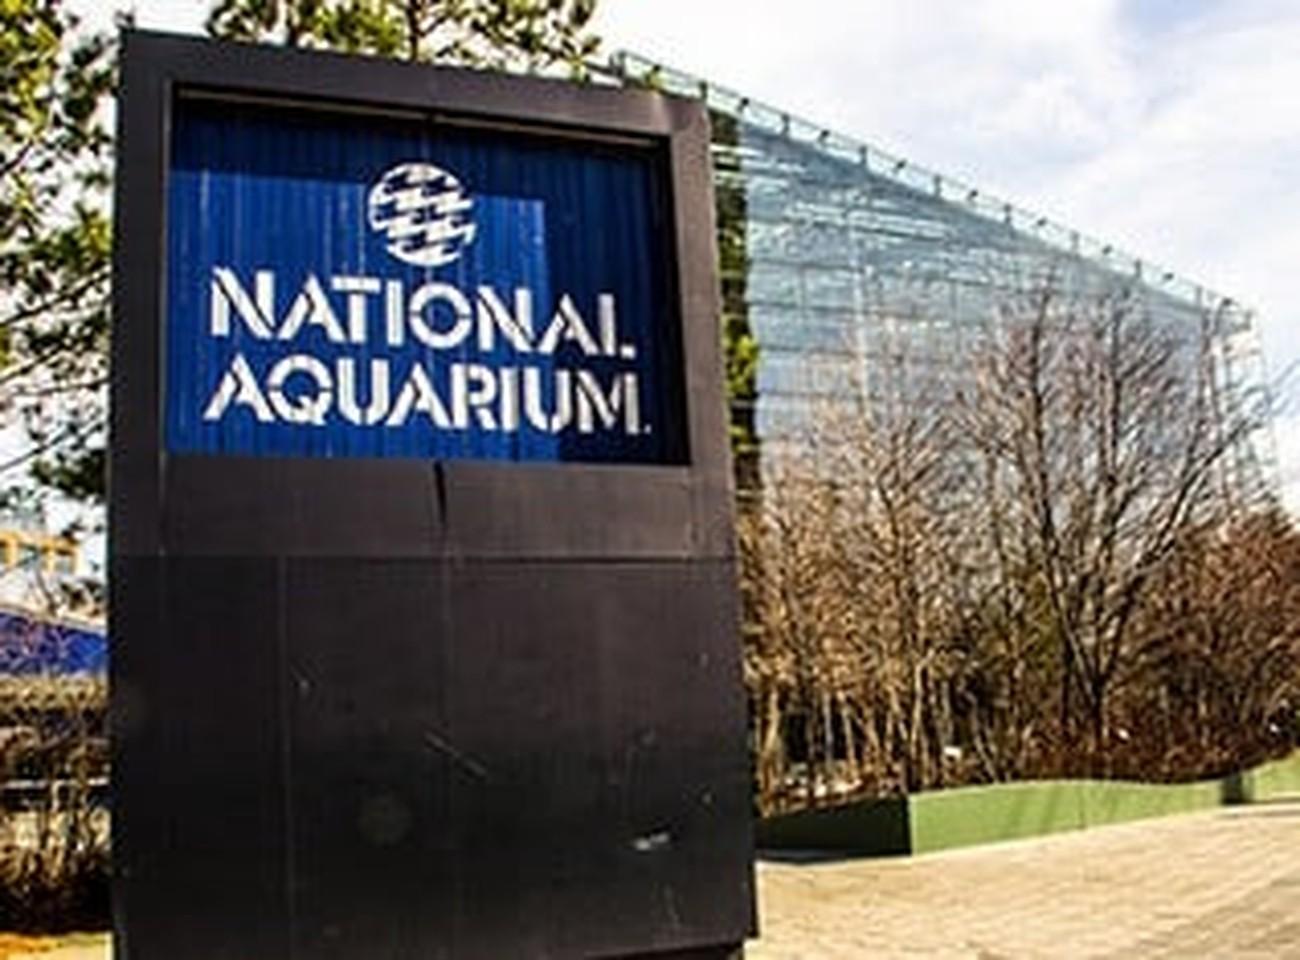 National Aquarium Careers